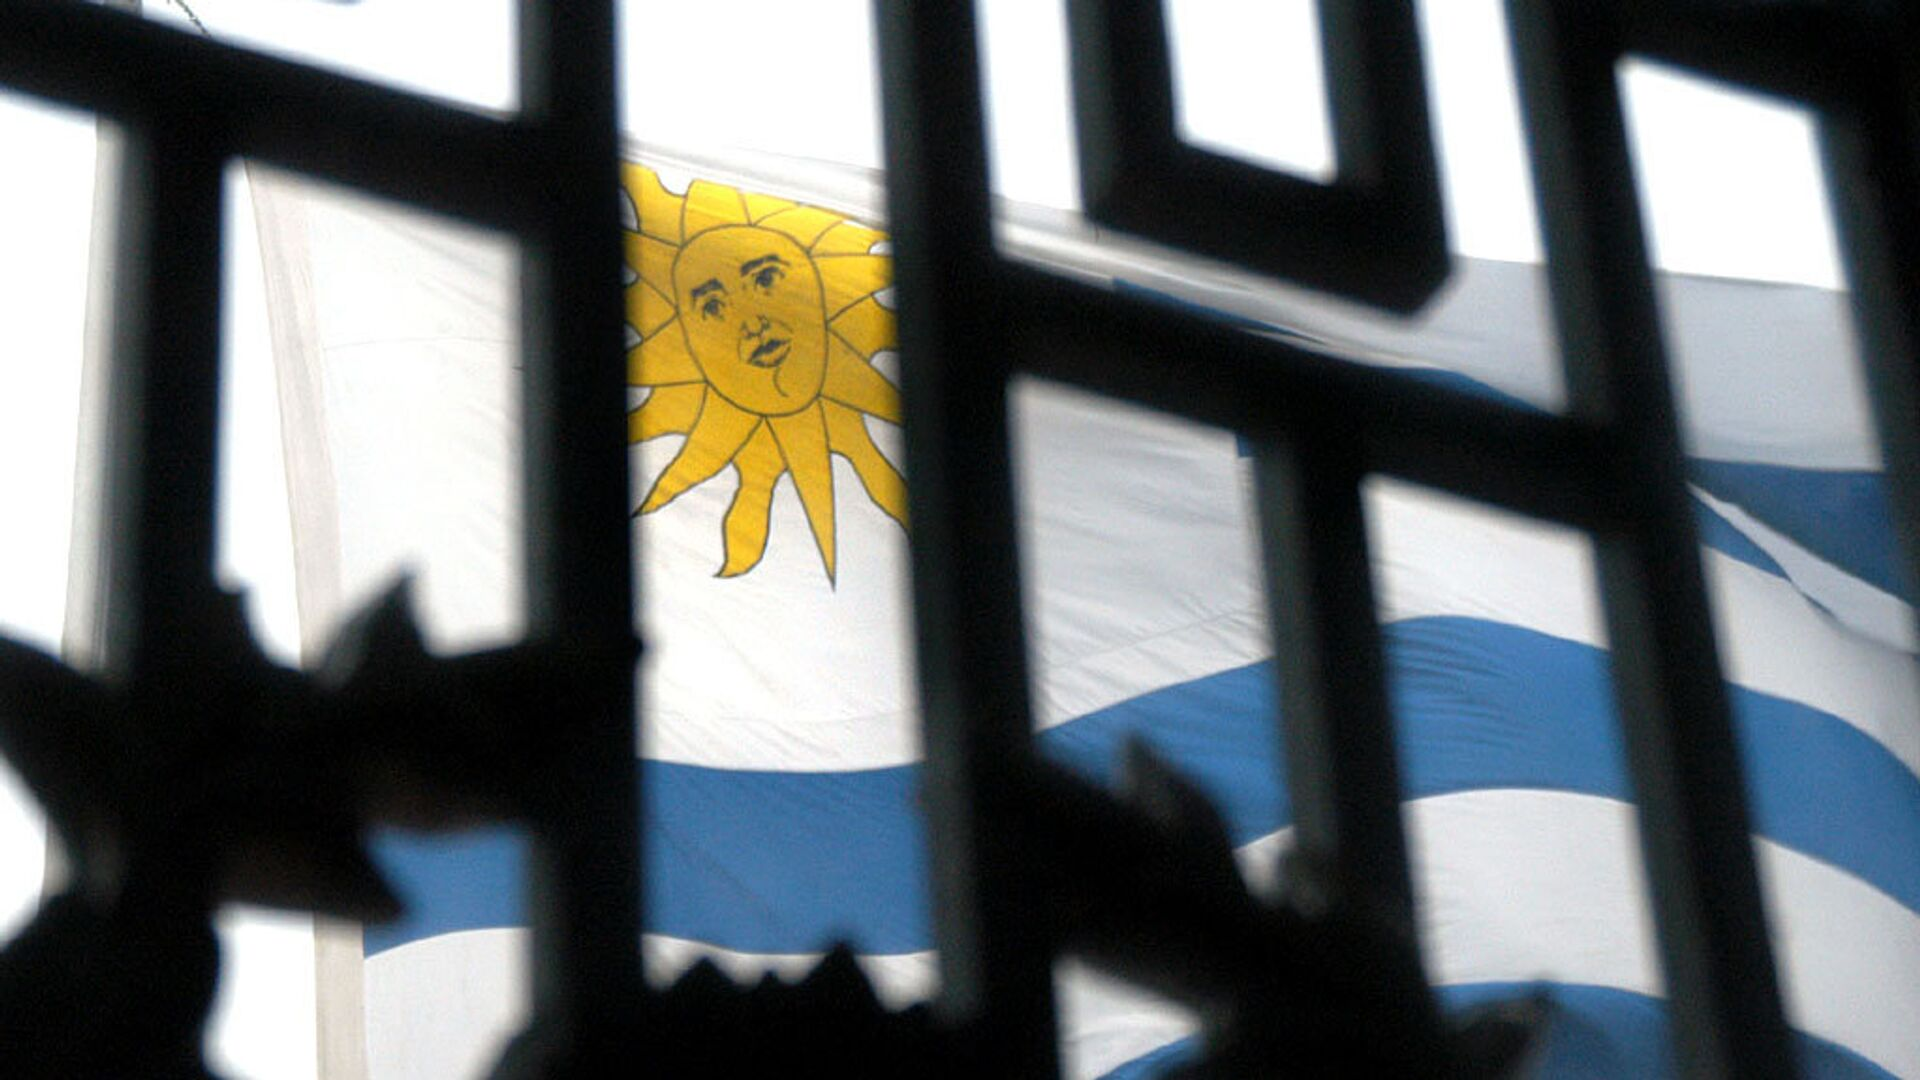 La bandera de Uruguay - Sputnik Mundo, 1920, 25.03.2021